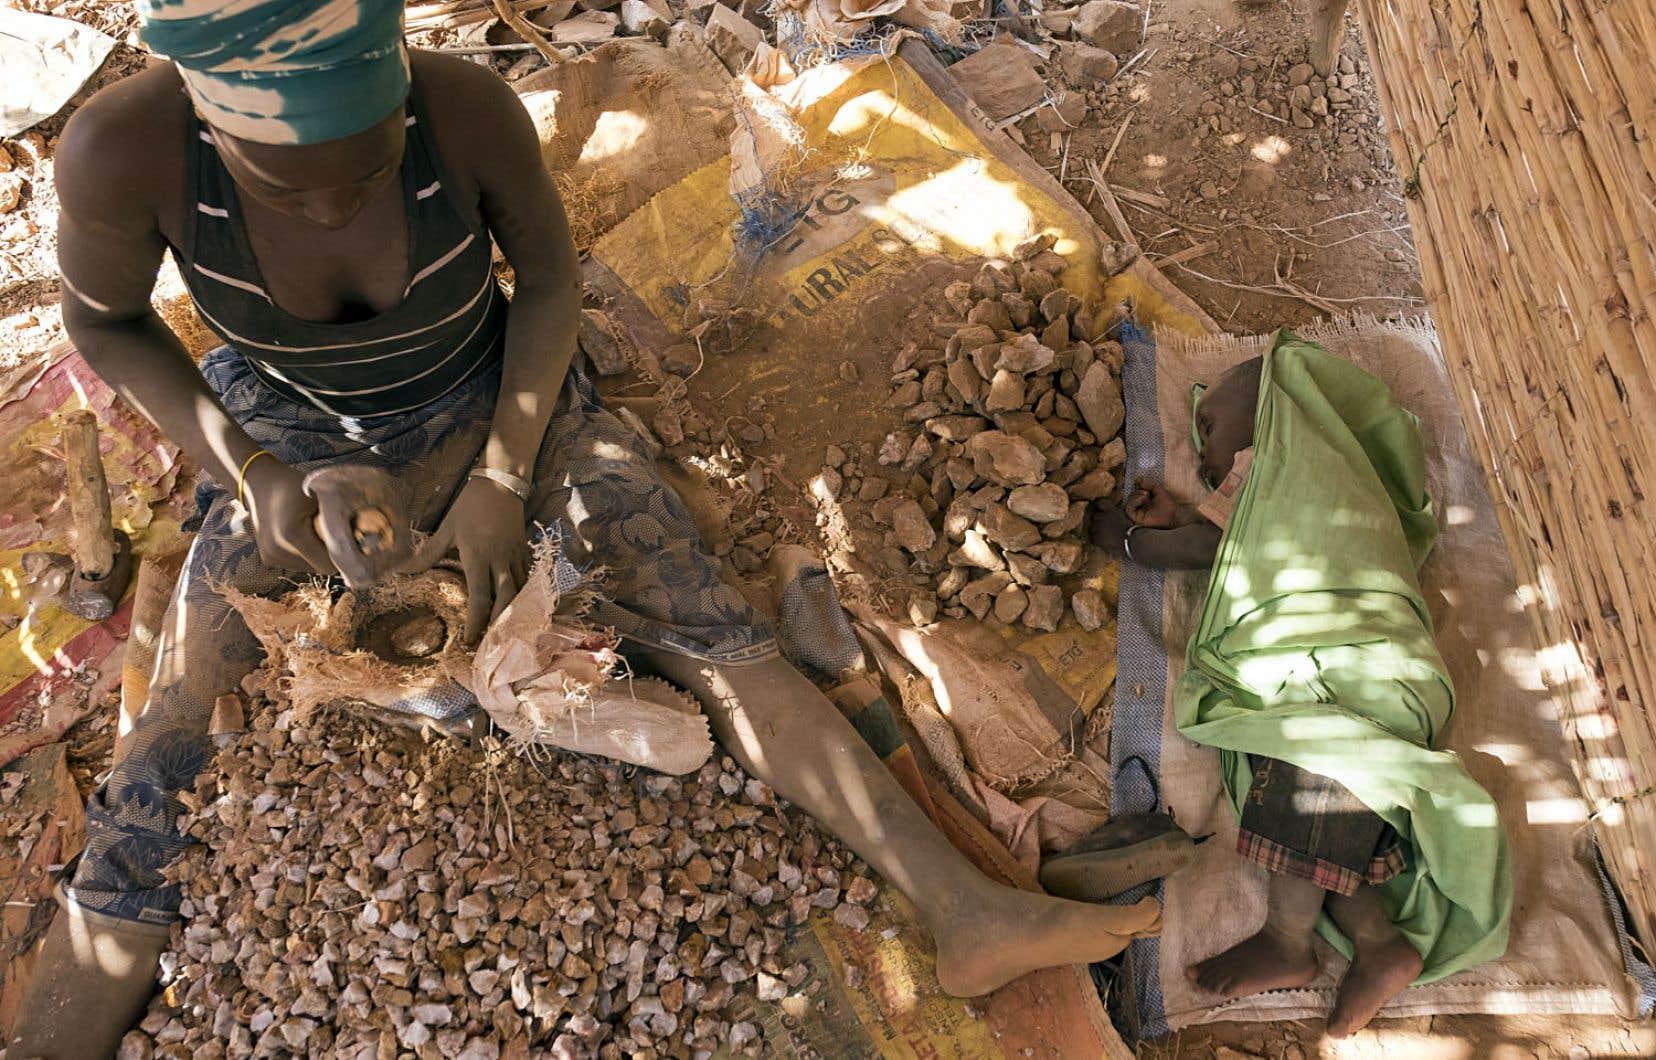 Il faut compter deux ou trois jours de travail à raison de douze heures par jour pour amasser un gramme d'or.